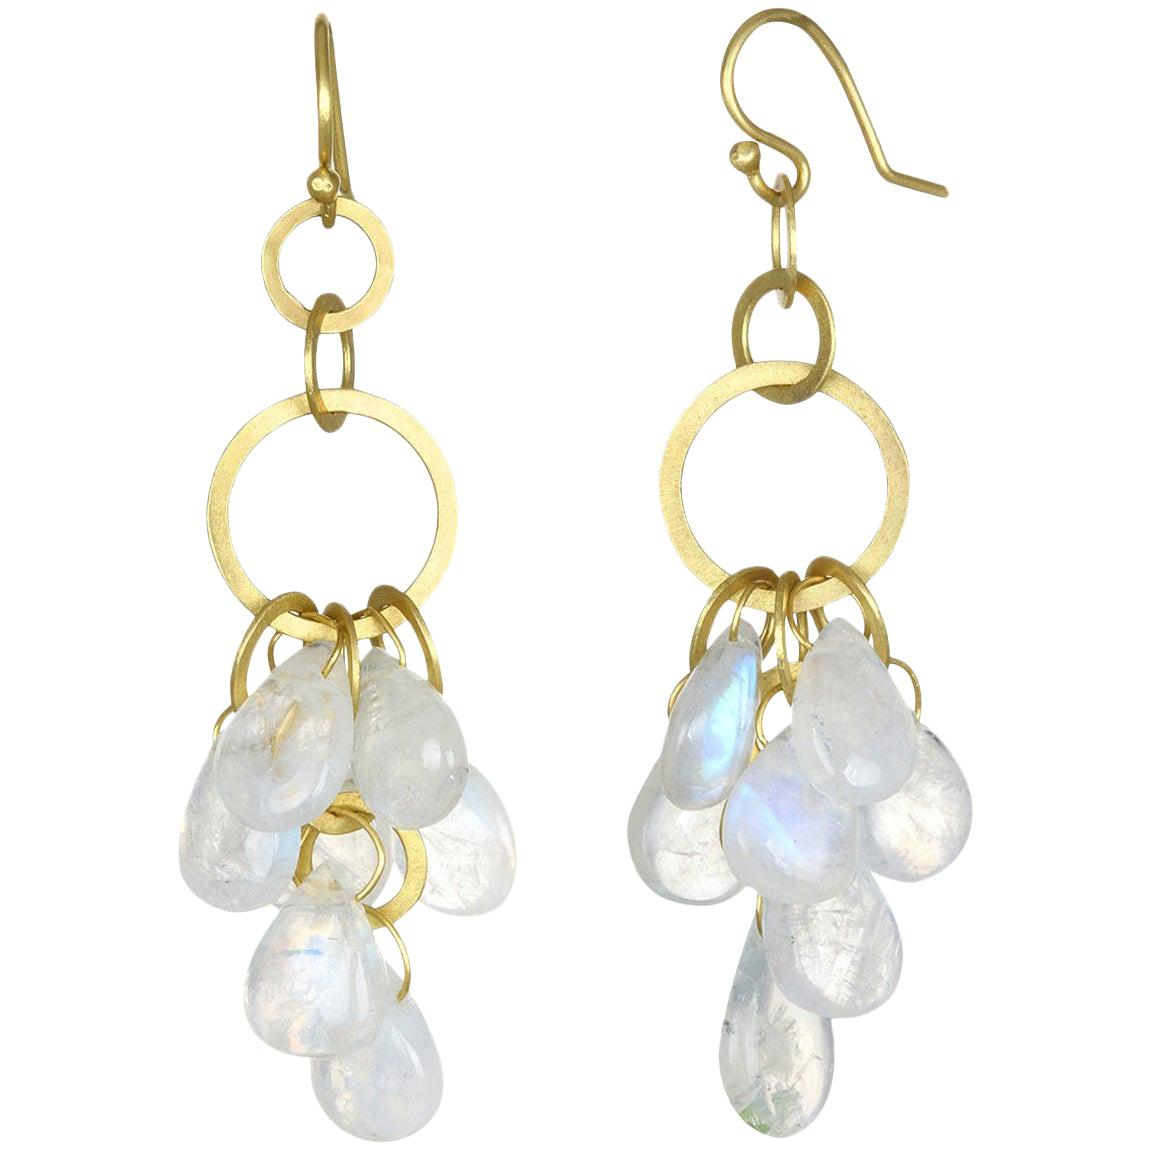 Faye Kim 18 Karat Gold Moonstone Briolette Fringe Earrings